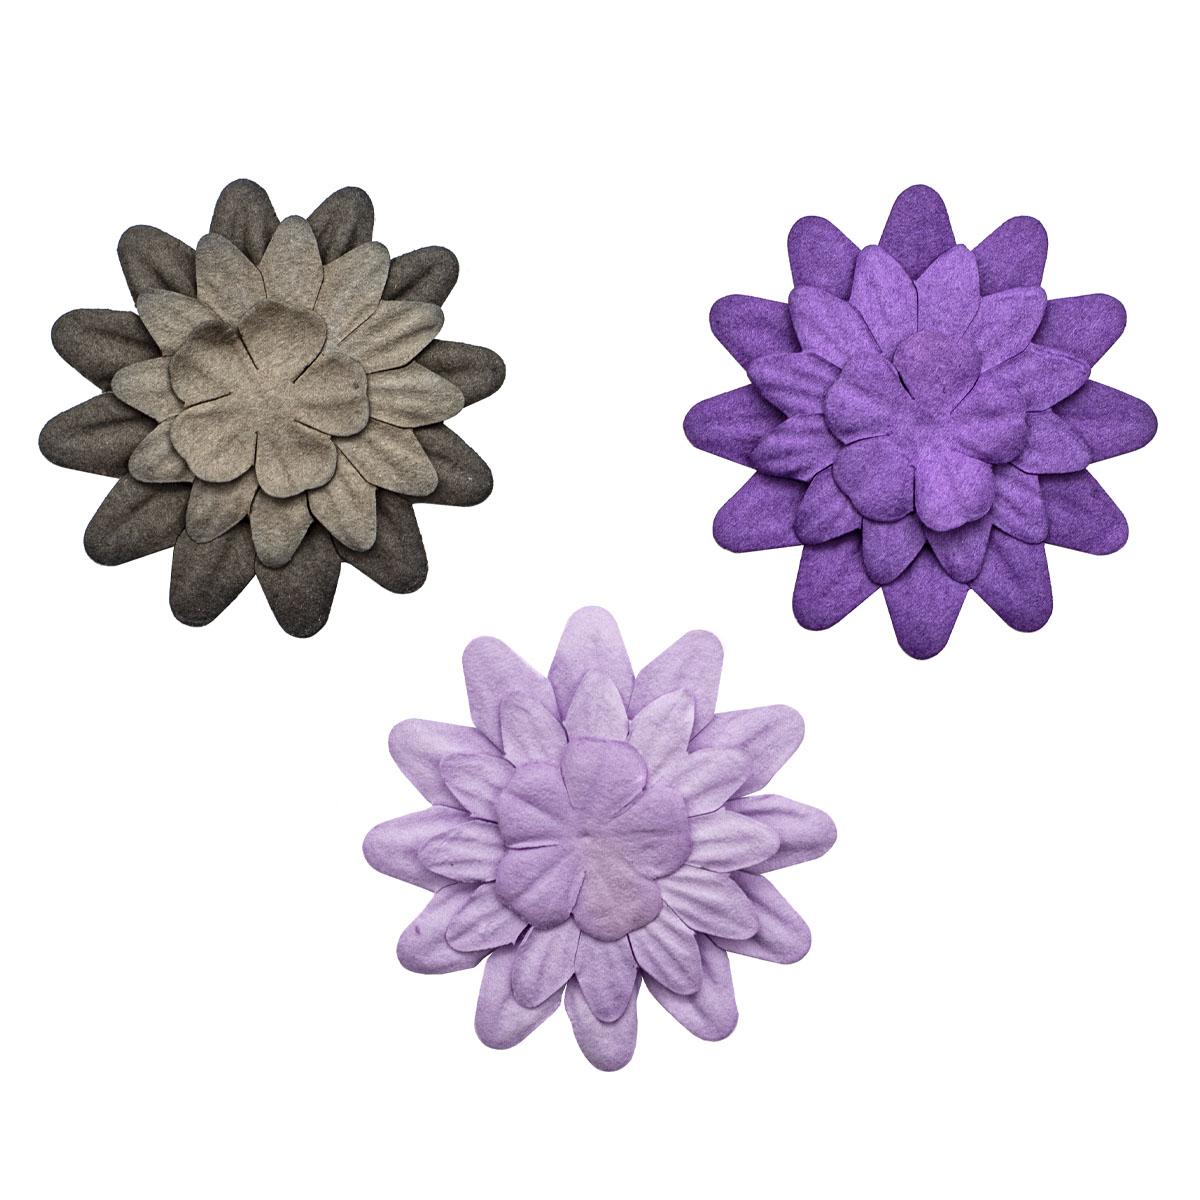 Набор принтованных бумажных цветочков 'Фиолетово-черное ассорти' 20мм, 35мм, 50мм, 180шт